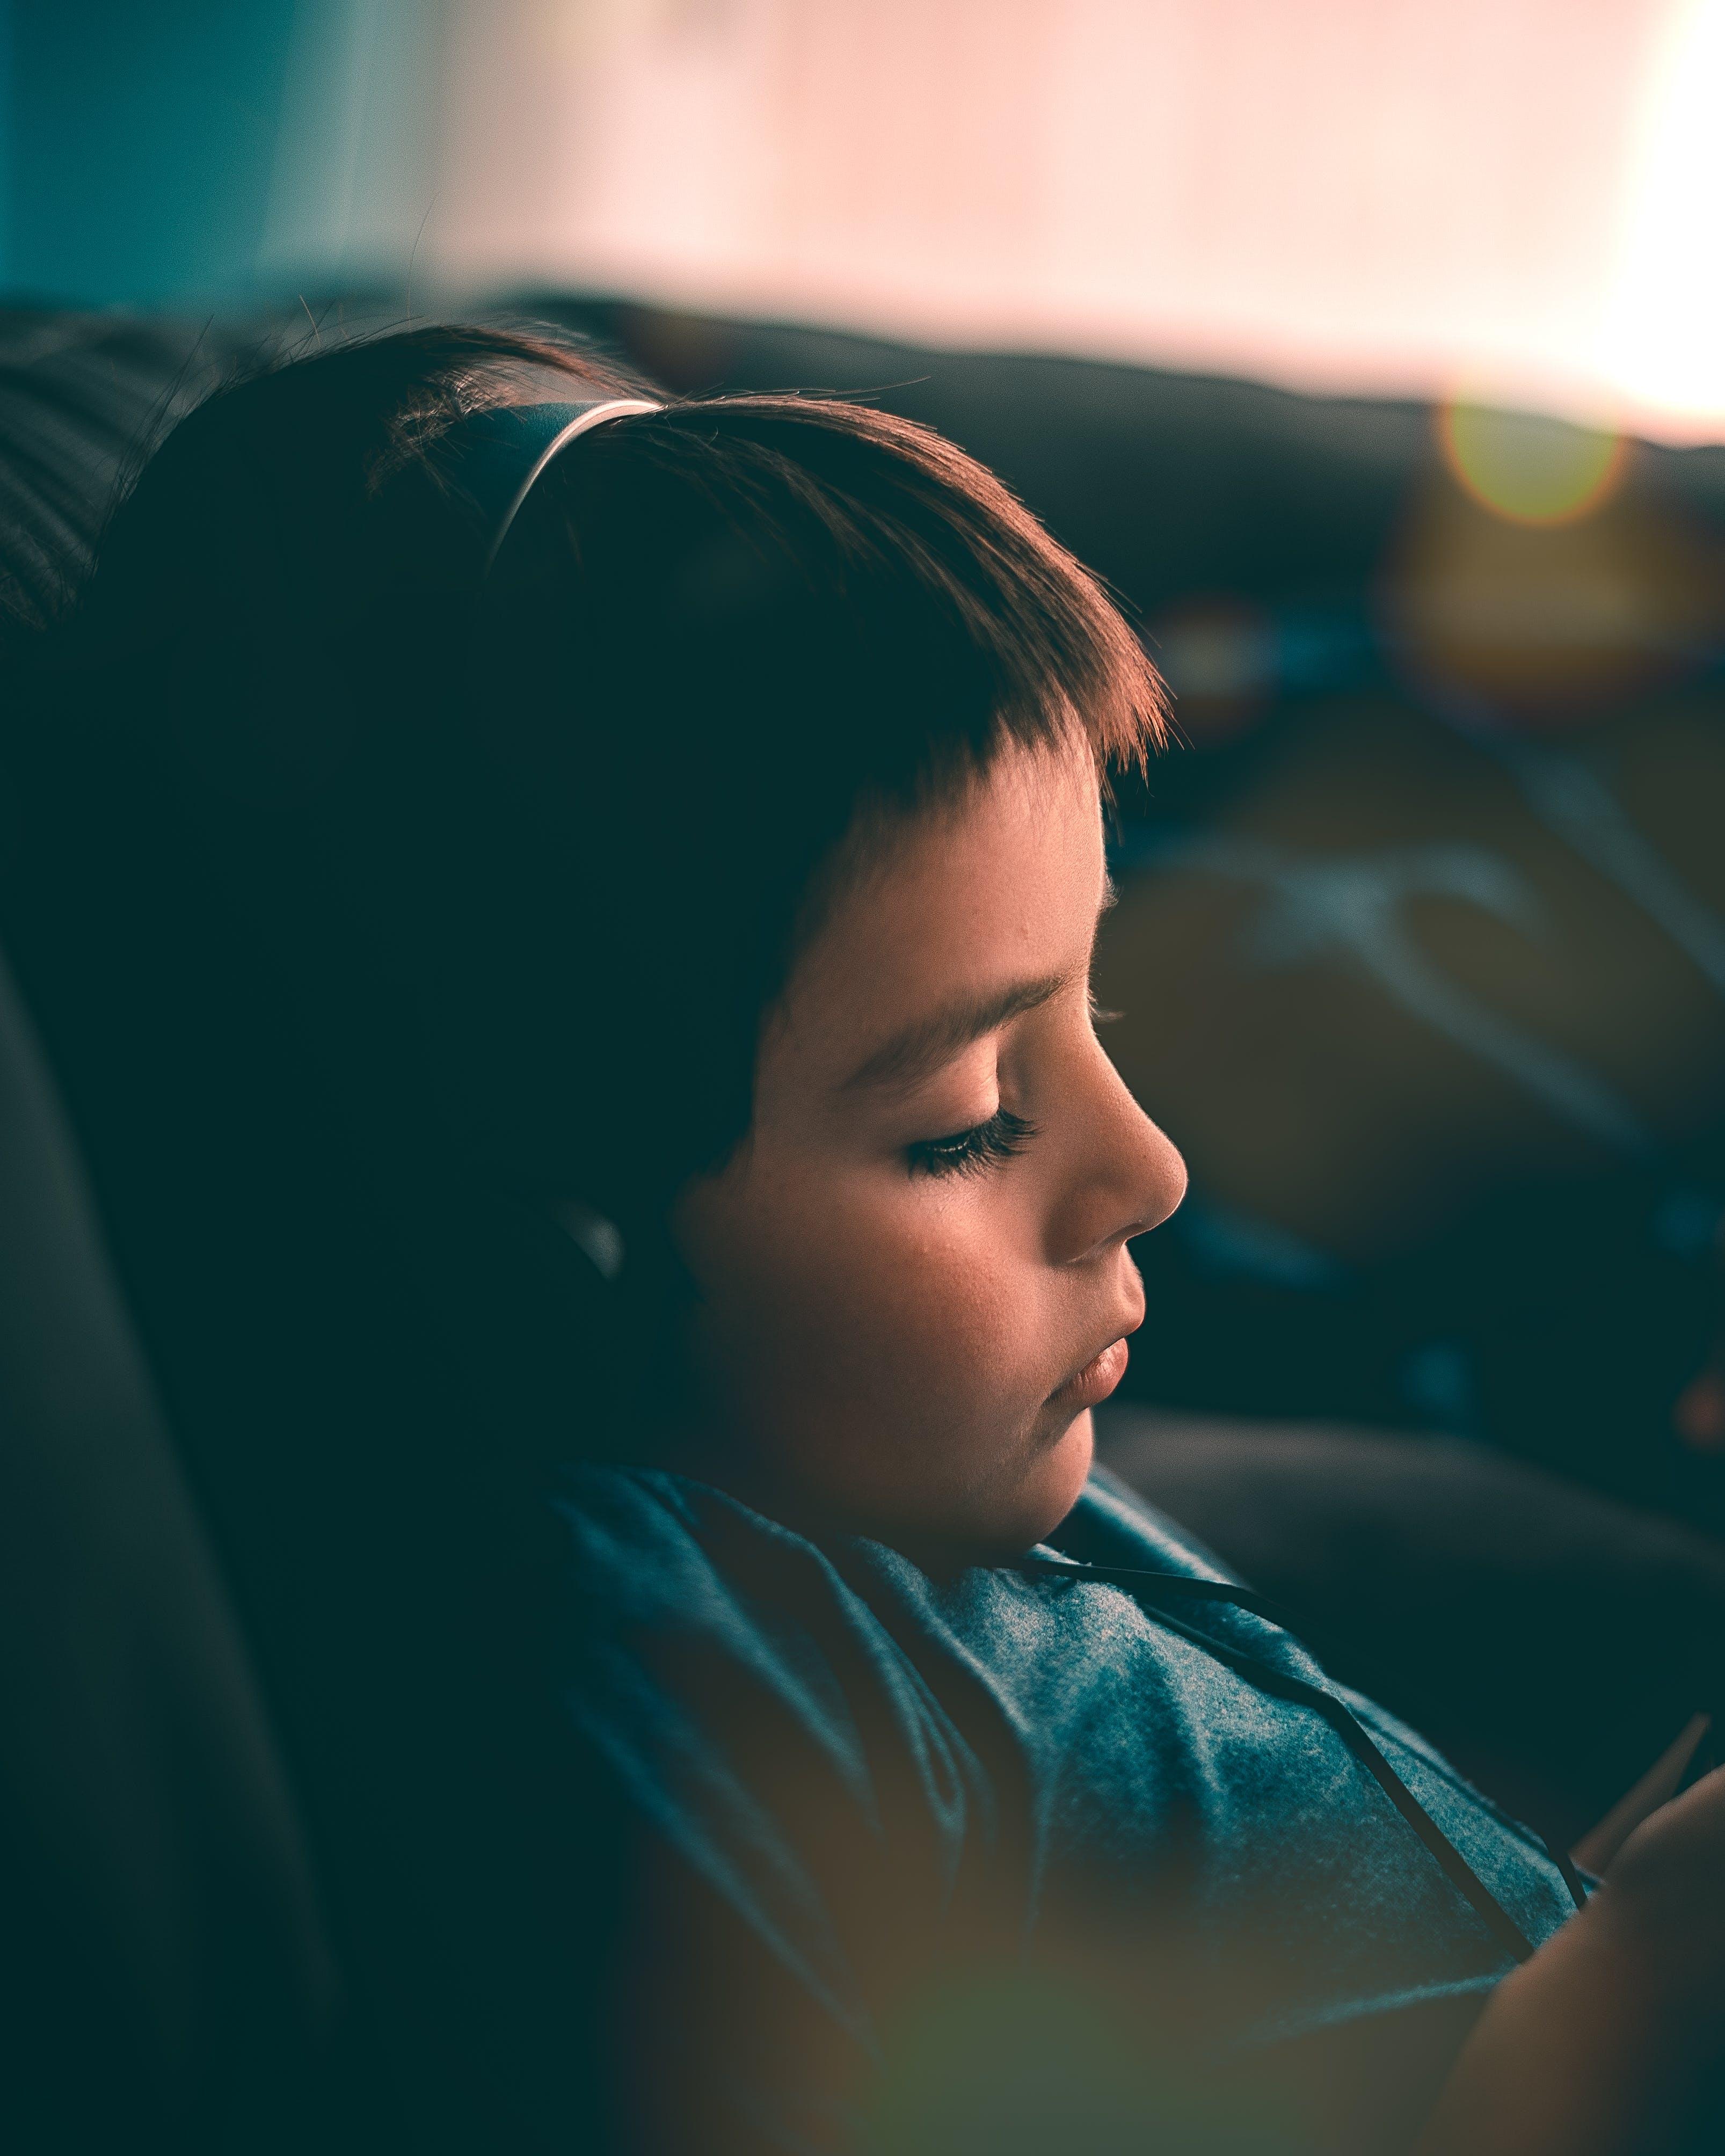 Gratis lagerfoto af afslapning, barn, close-up, Dreng